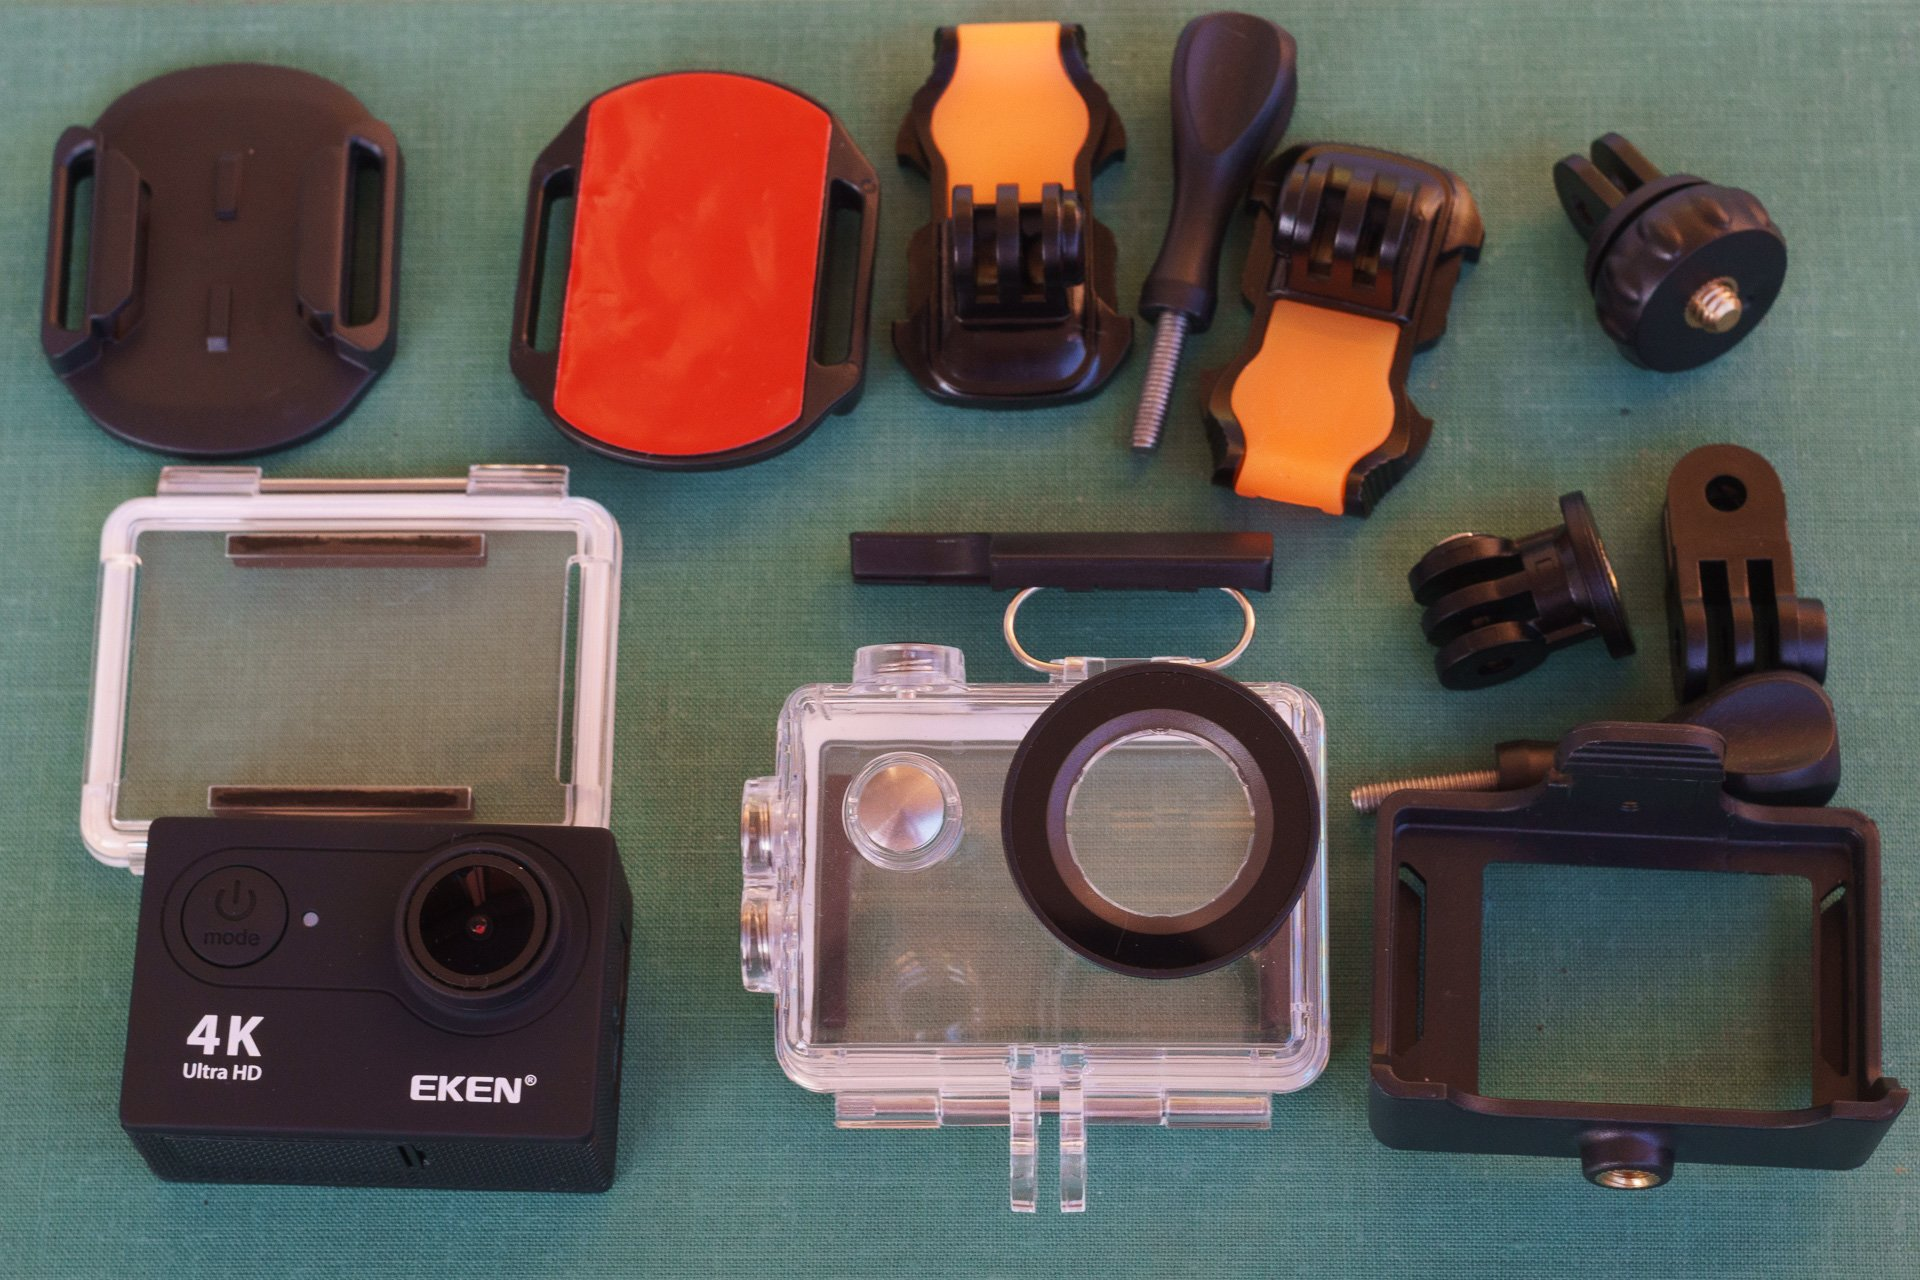 Tabletowo.pl EKEN H9R Action Camera - tanio i całkiem nieźle (recenzja) Akcesoria Recenzje Wideo